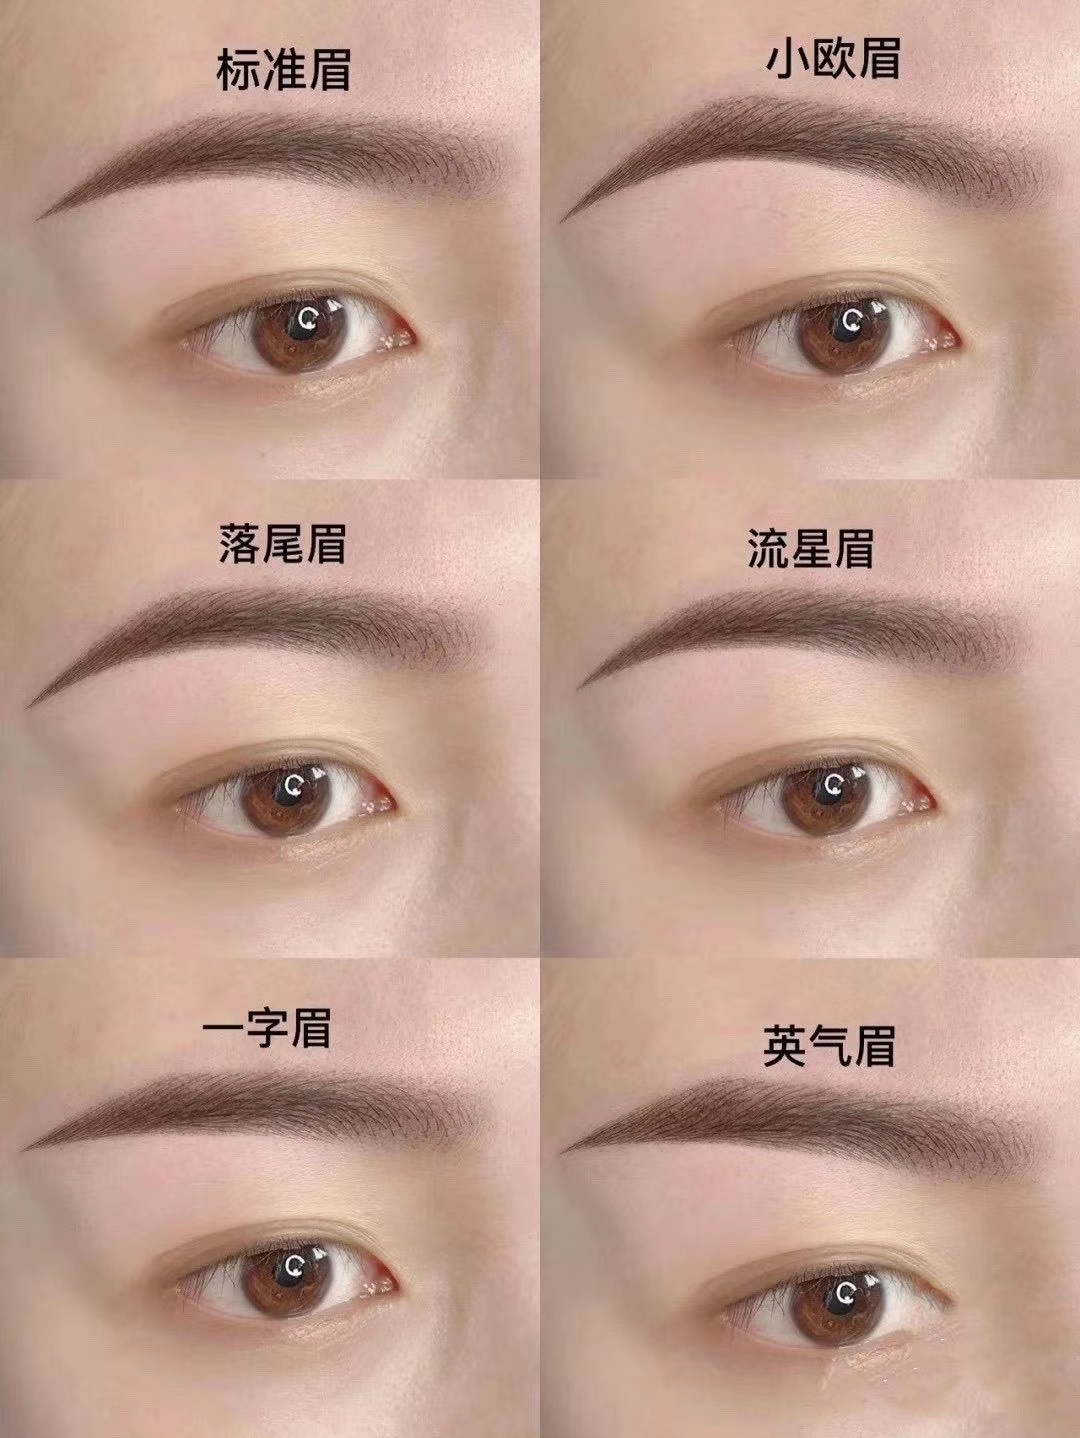 柳州纹眉类型